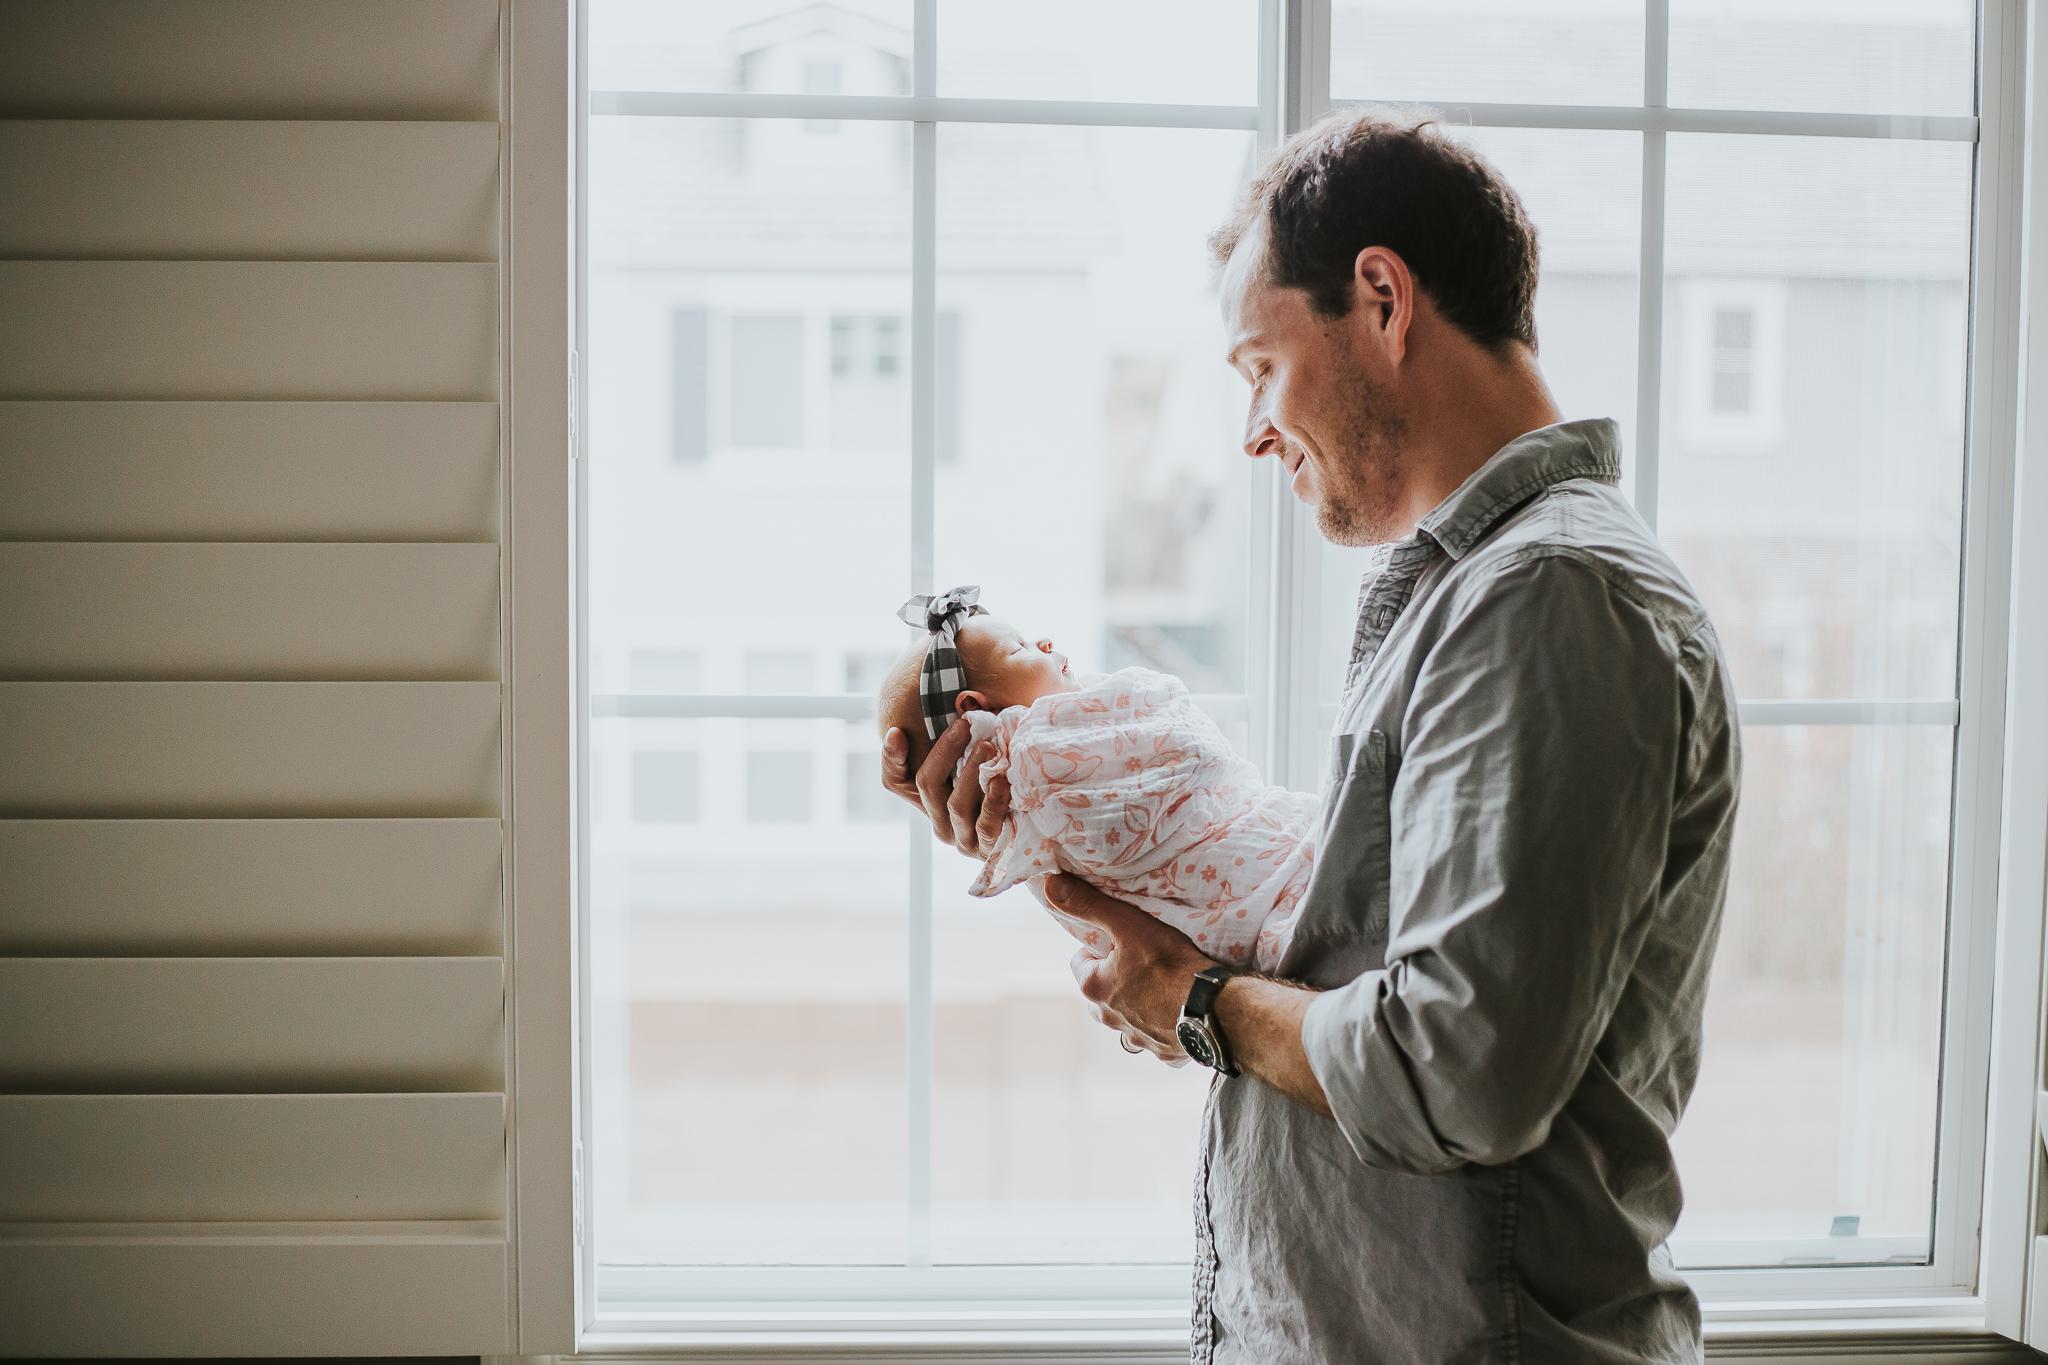 Mesa-Arizona-Newborn-Photographer-7.jpg